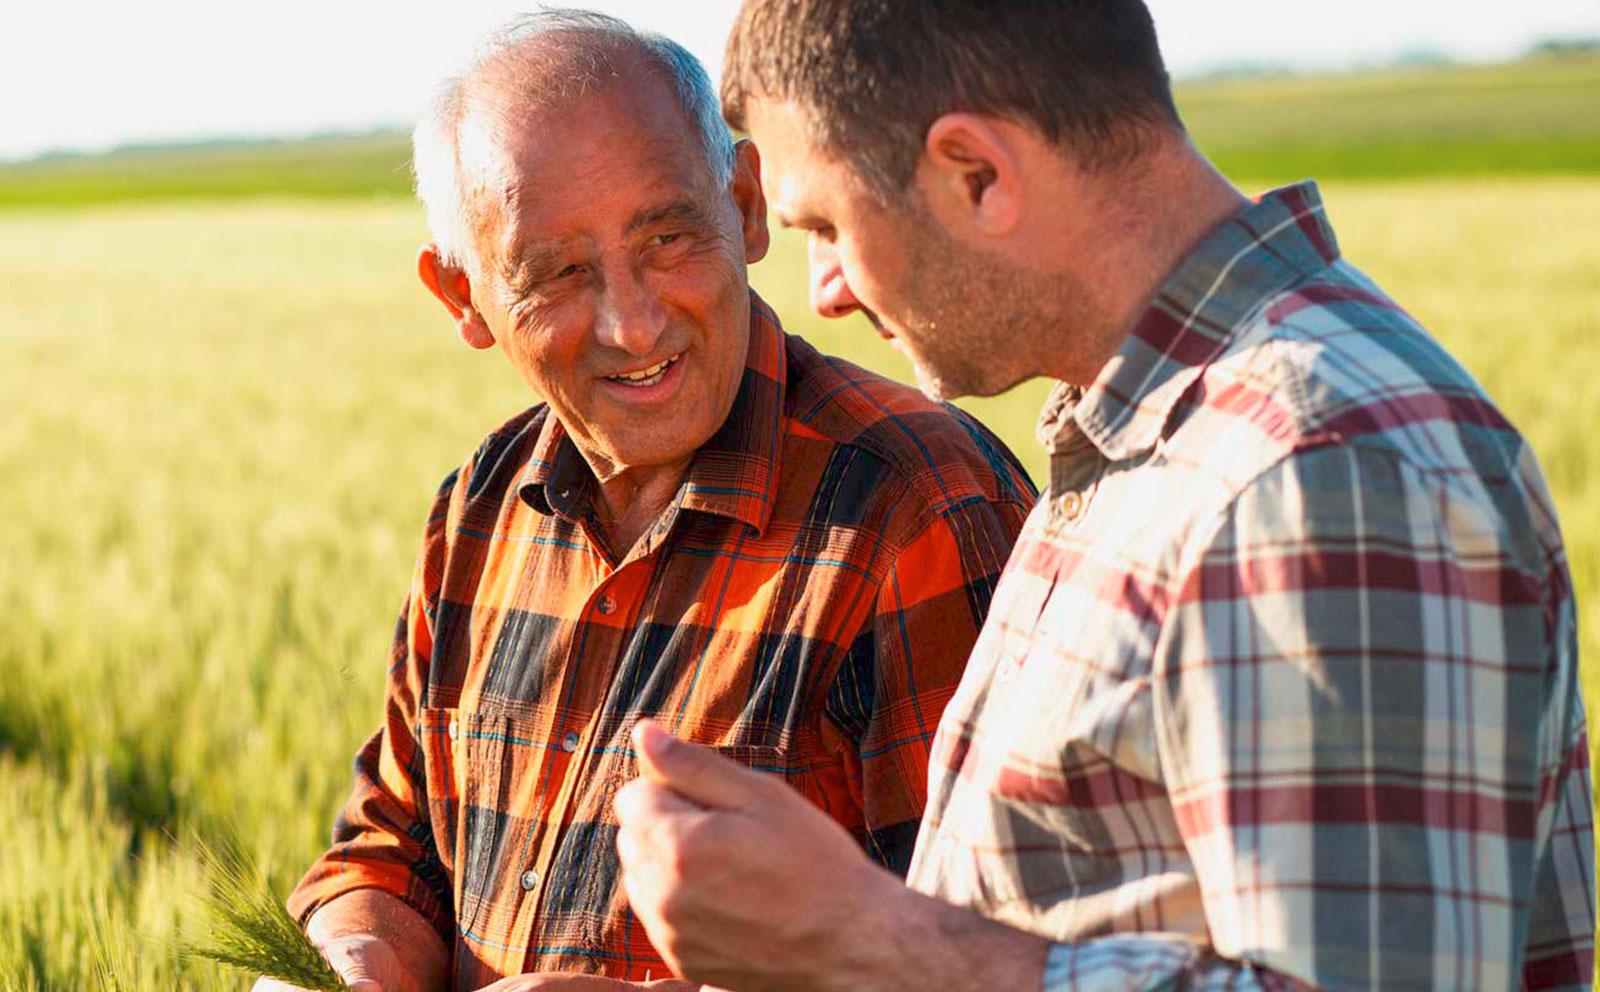 Zwei Männer auf dem Land, die ein Gespräch führen.